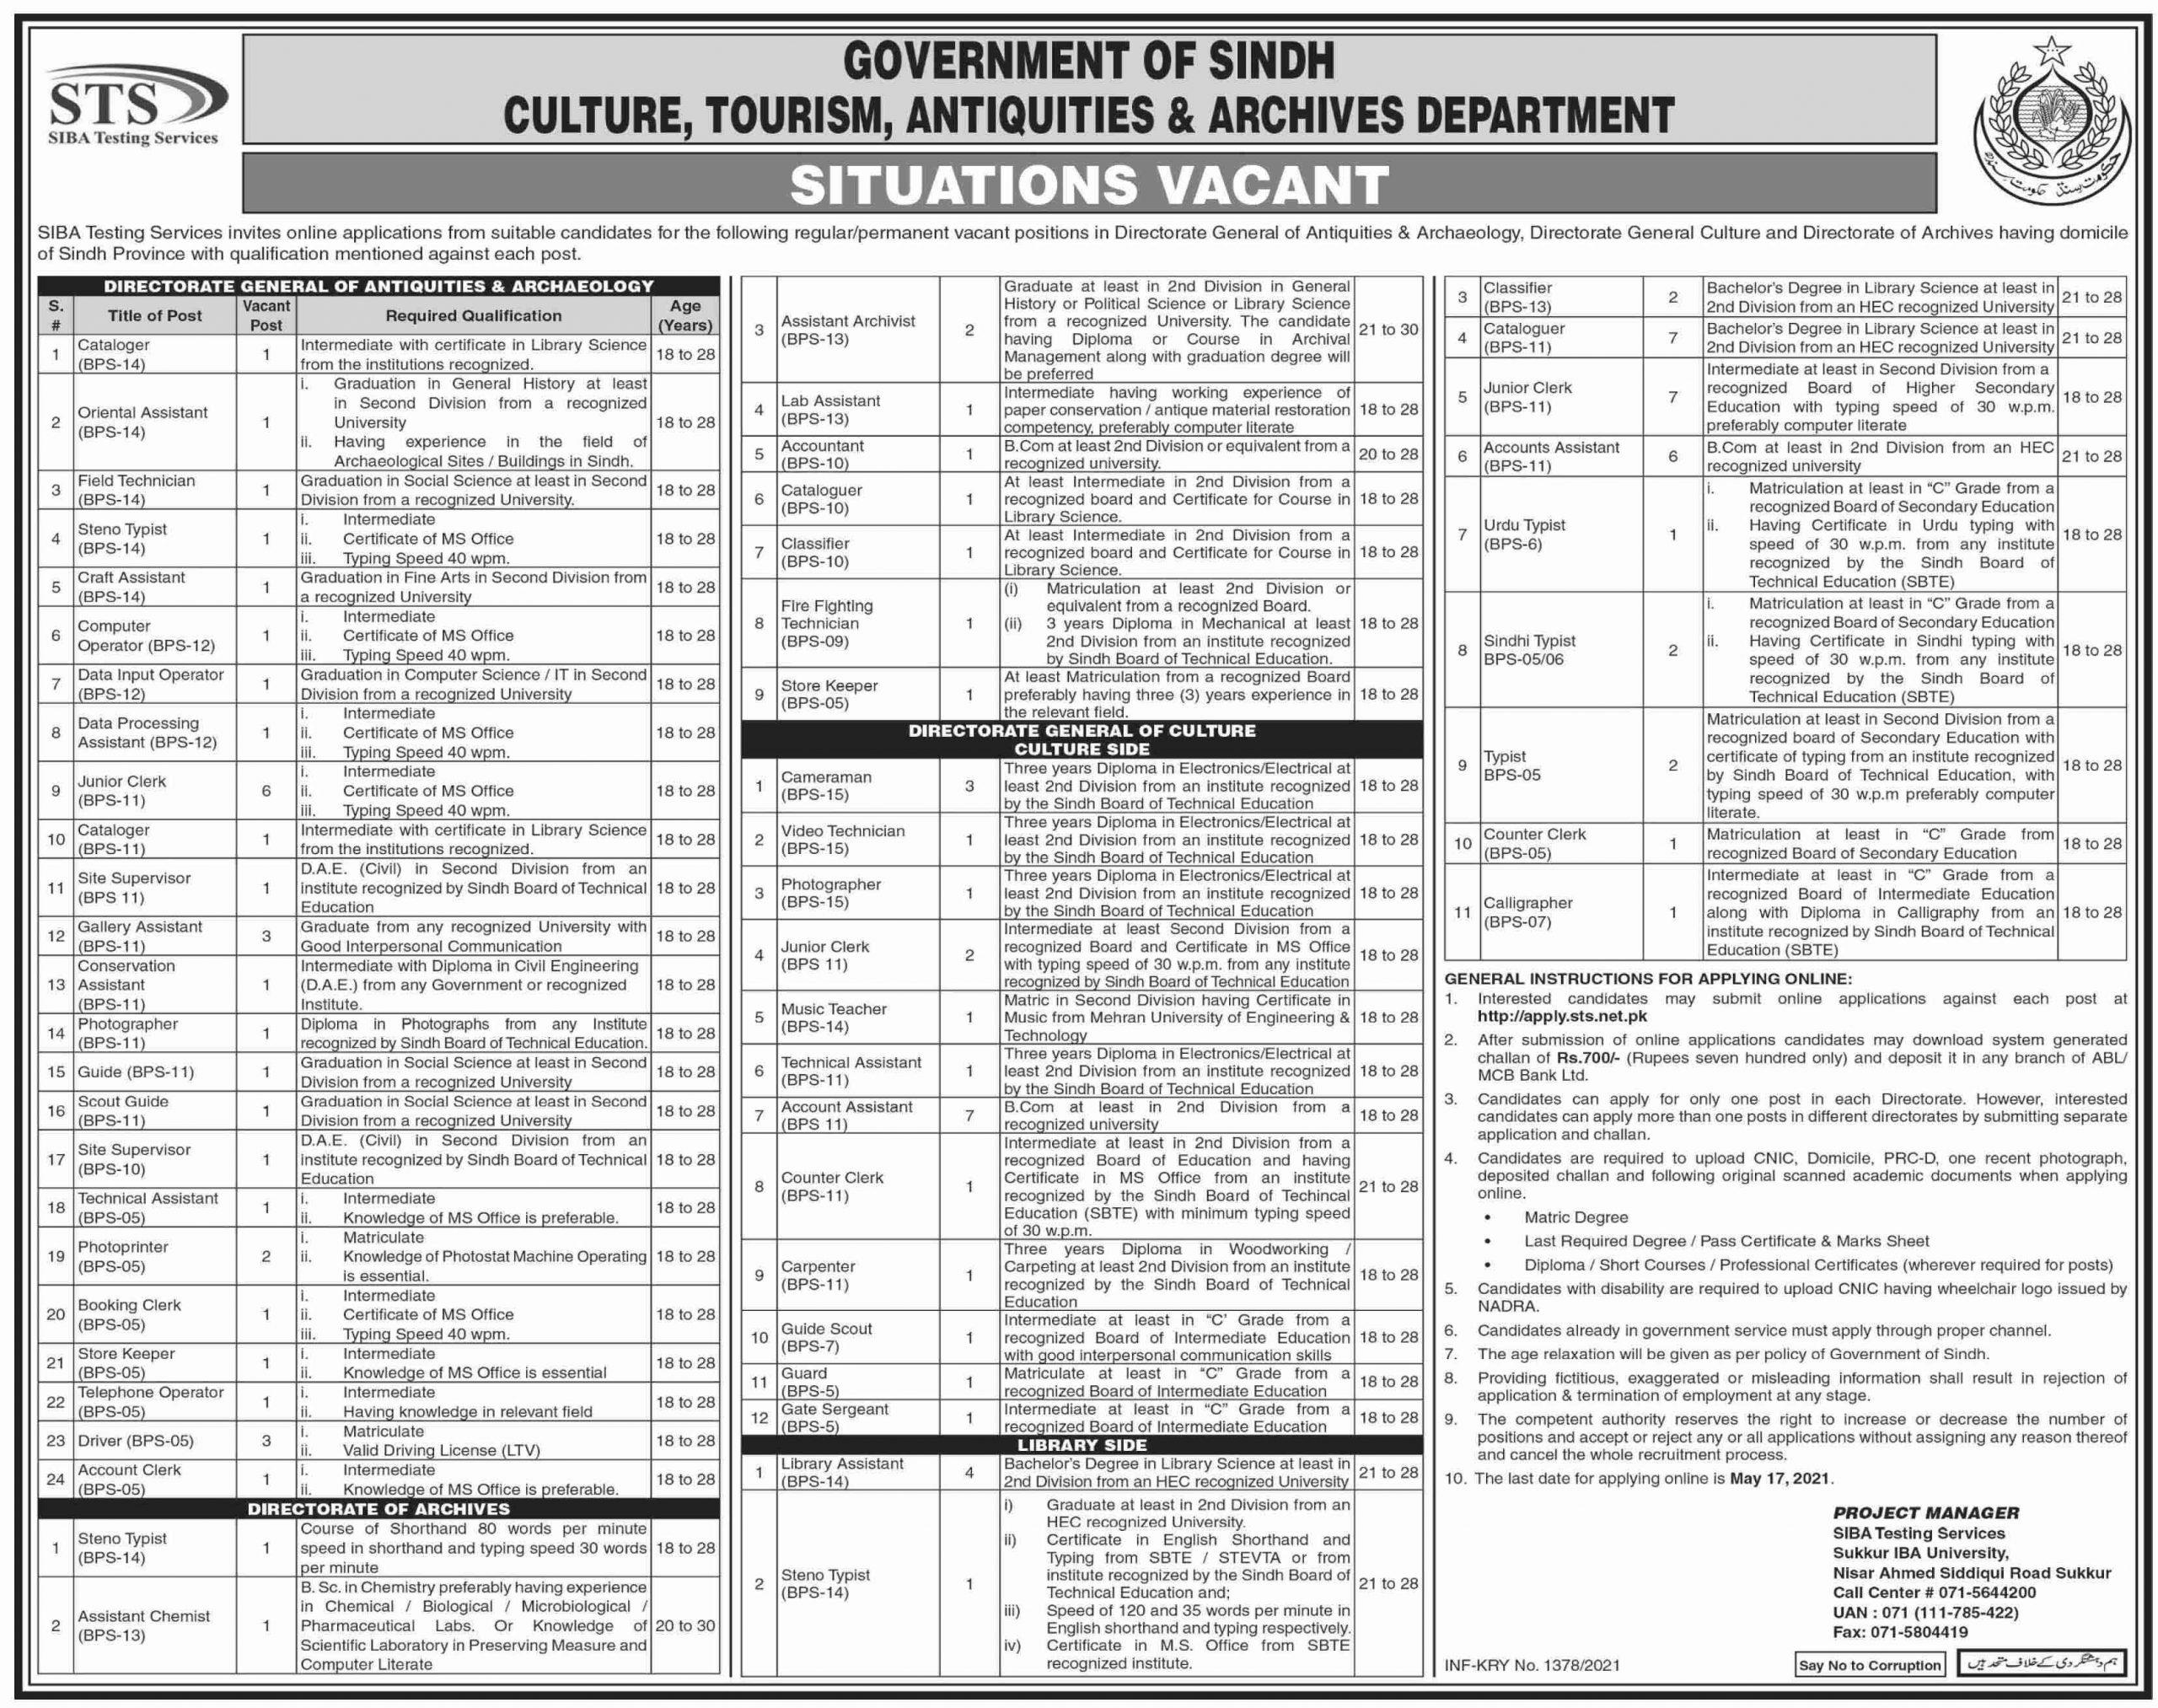 Sindh Culture, Tourism, Antiquities & Archives Department April 2021